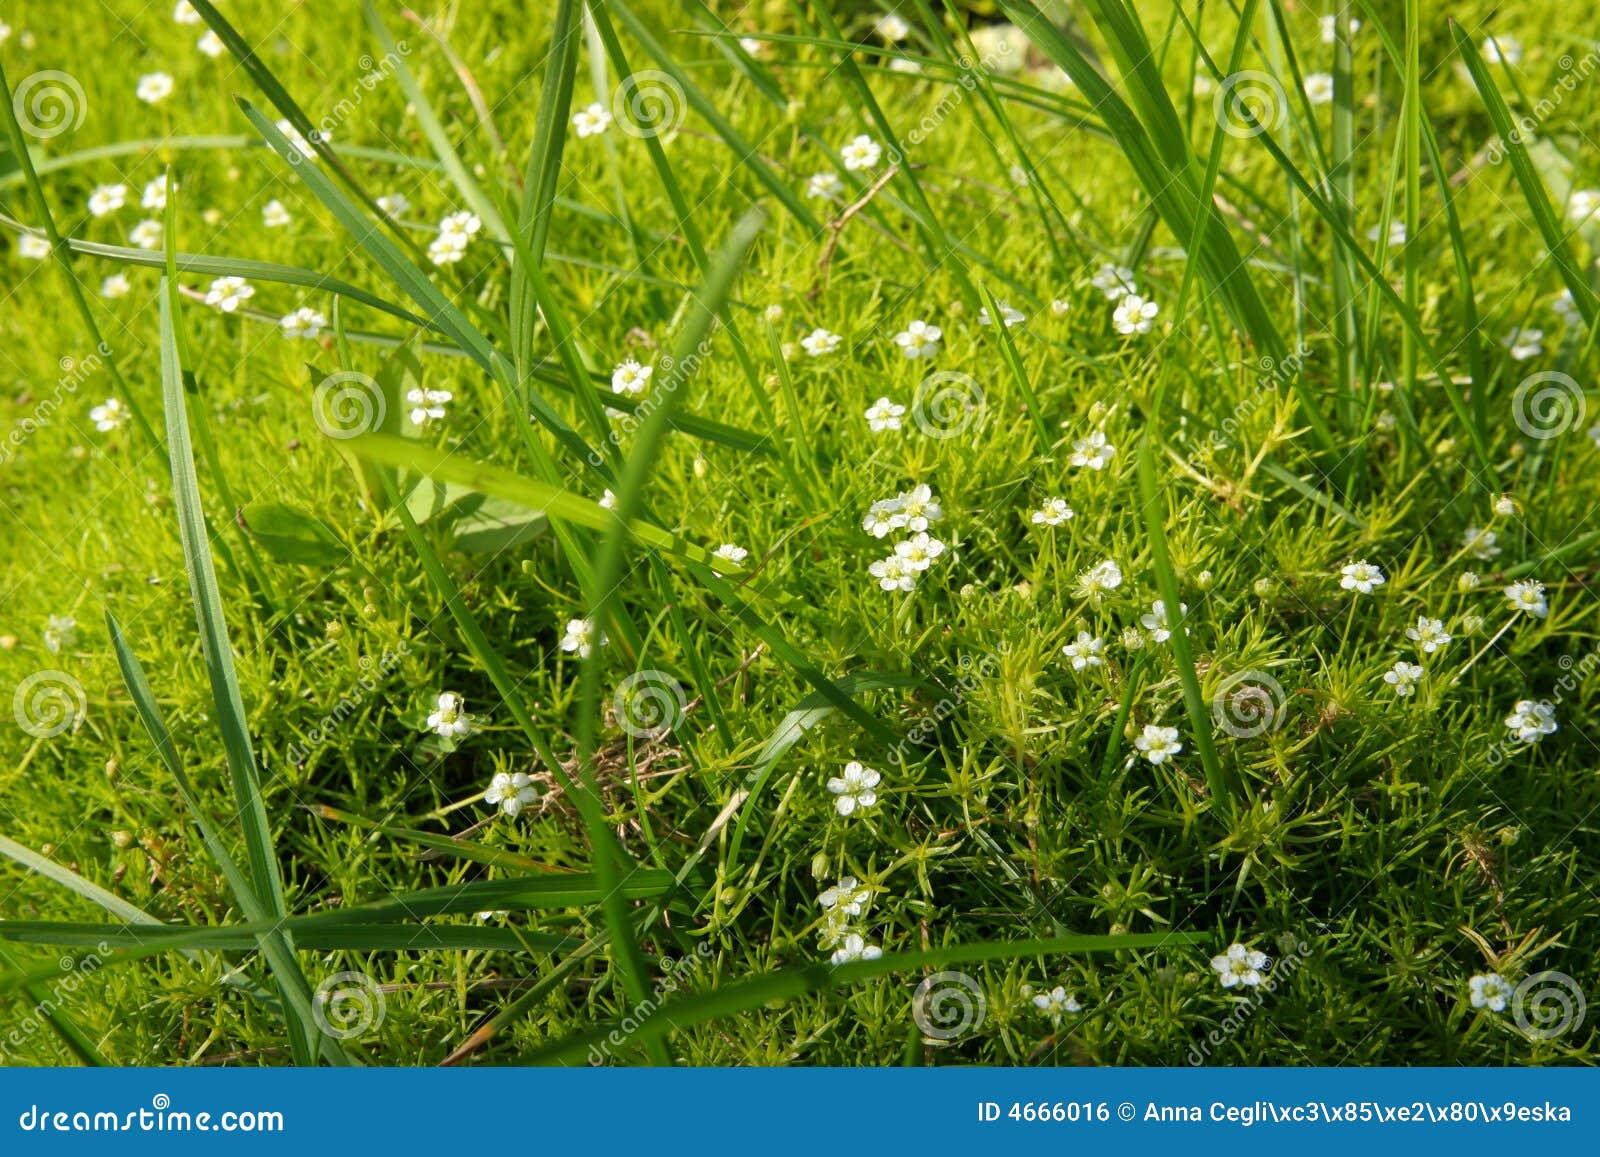 Kwiaty trawy dywan